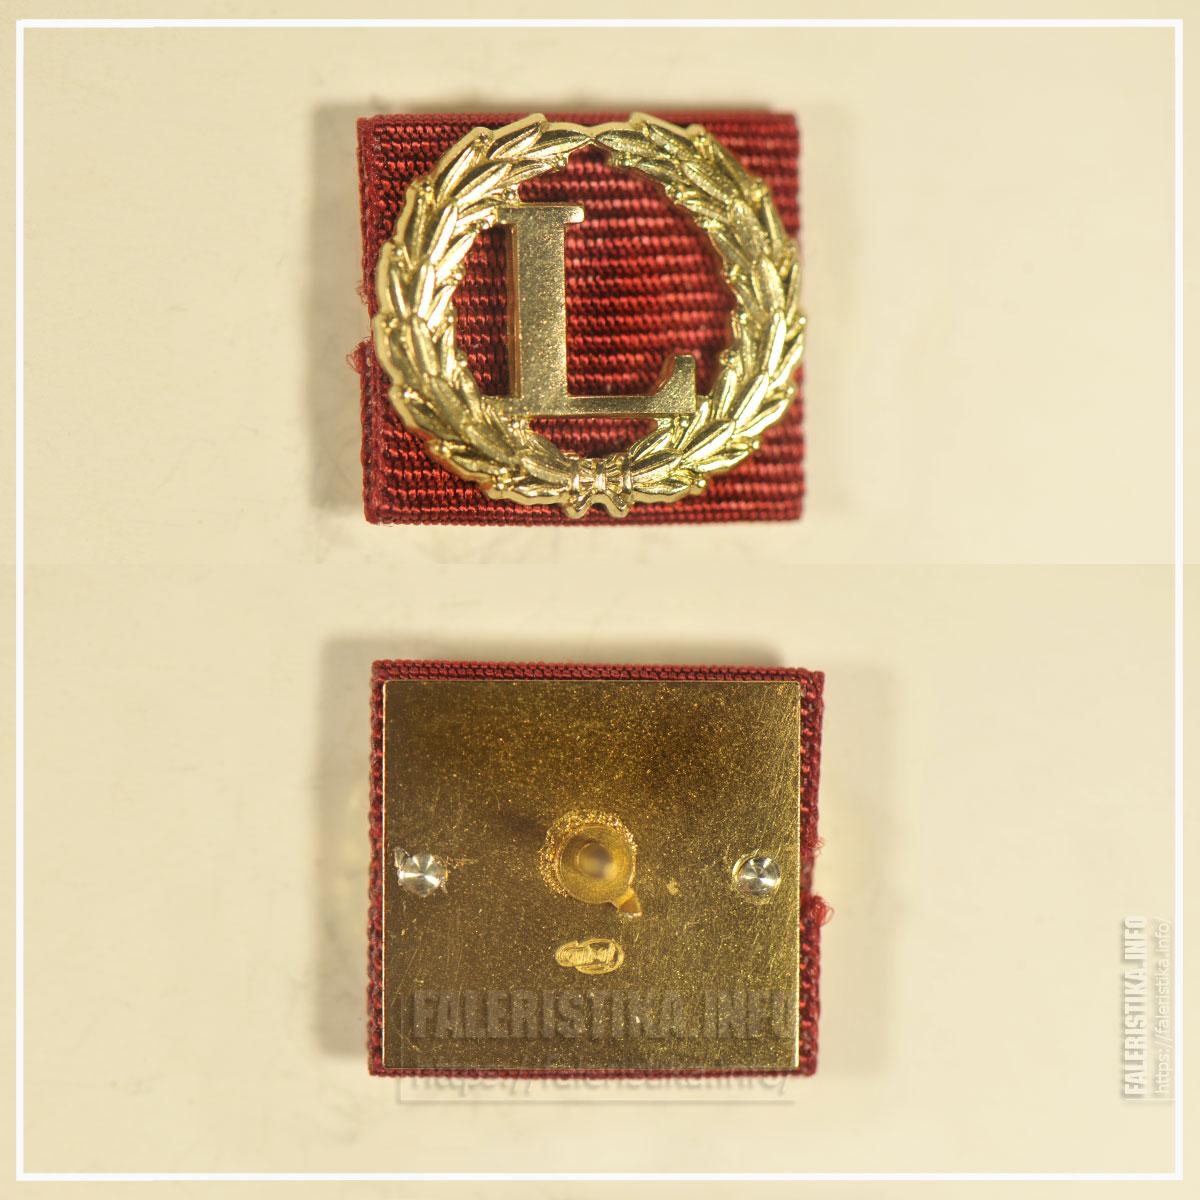 Знак отличия «За безупречную службу» L (лет) (для гражданских служащих). Миниатюрная копия знака (фрачник). Санкт-Петербургский монетный двор